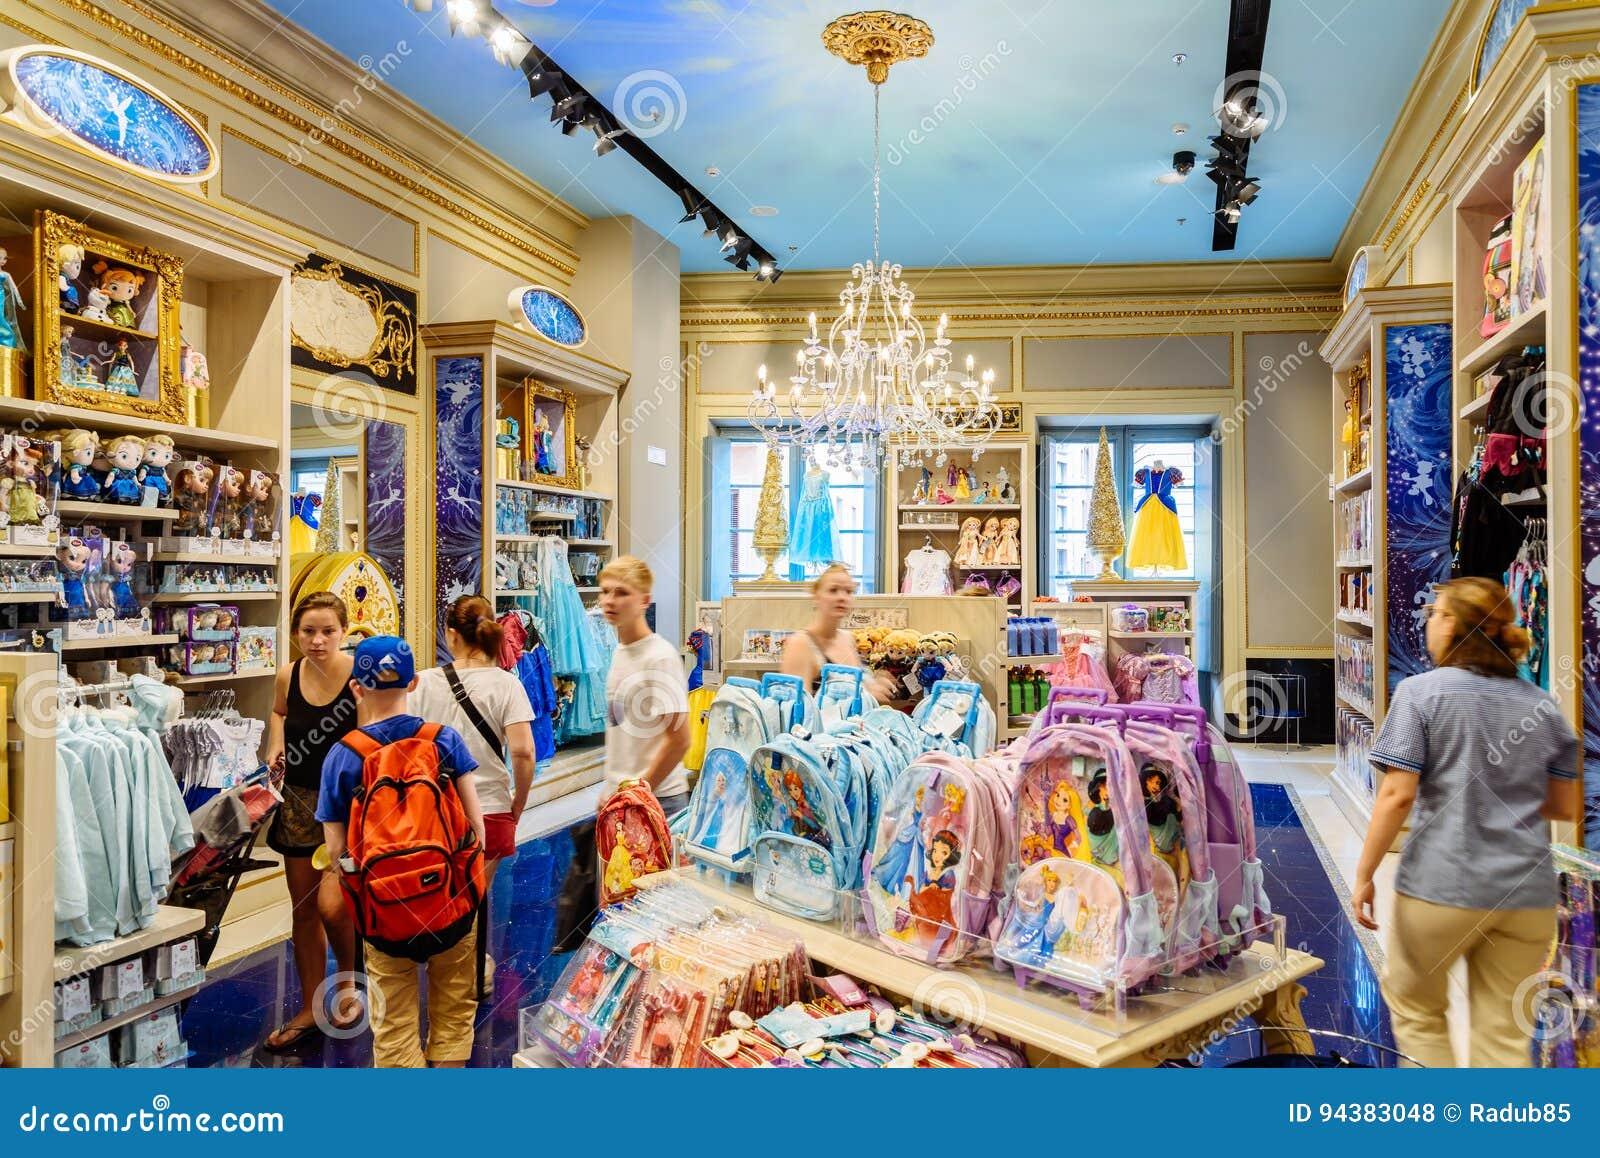 Niños De Compra De La Gente Presentes En La Tienda De Disney Foto De Archivo Editorial Imagen De Retail Estantes 94383048